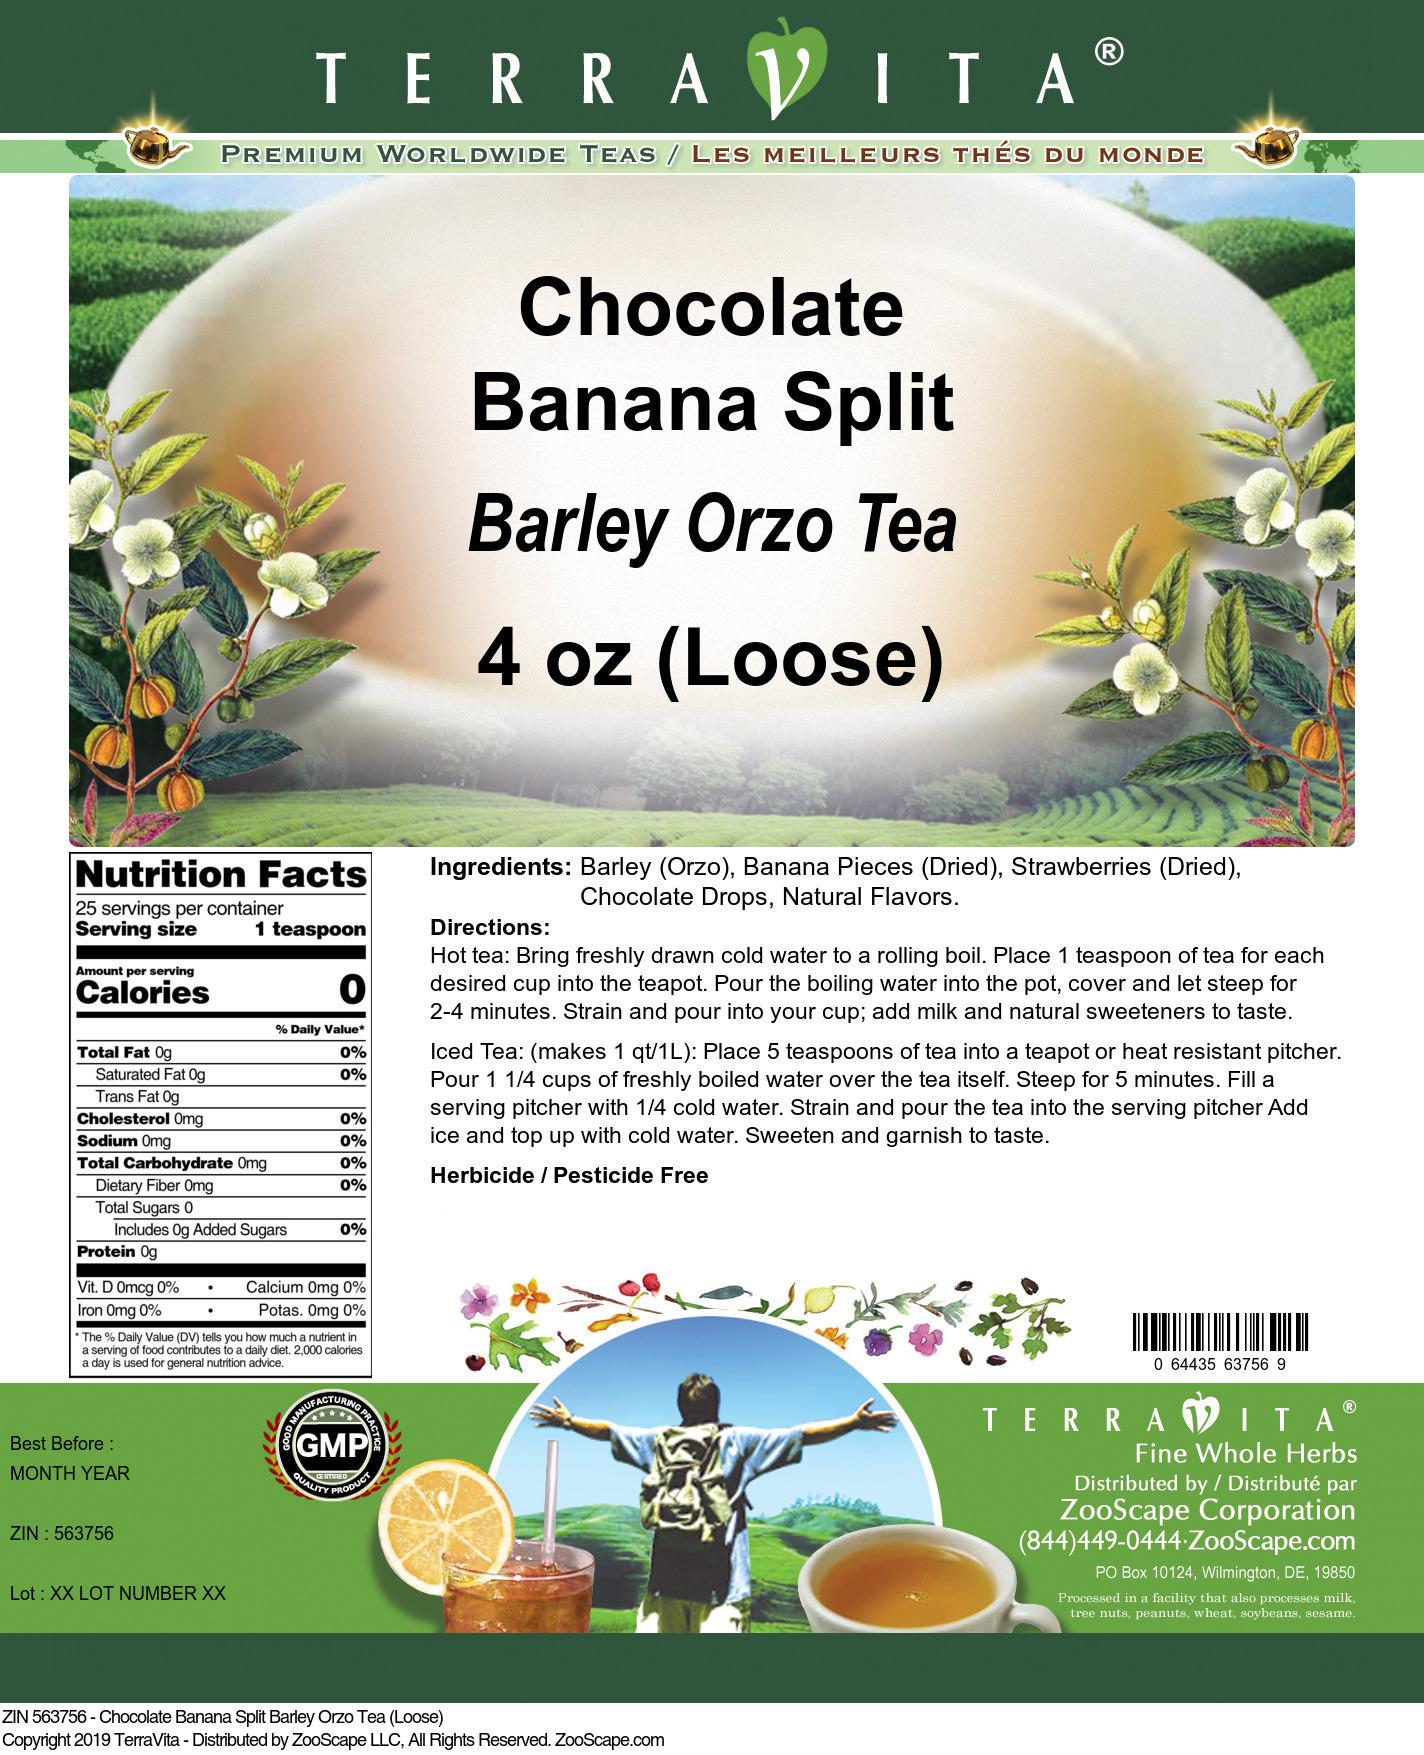 Chocolate Banana Split Barley Orzo